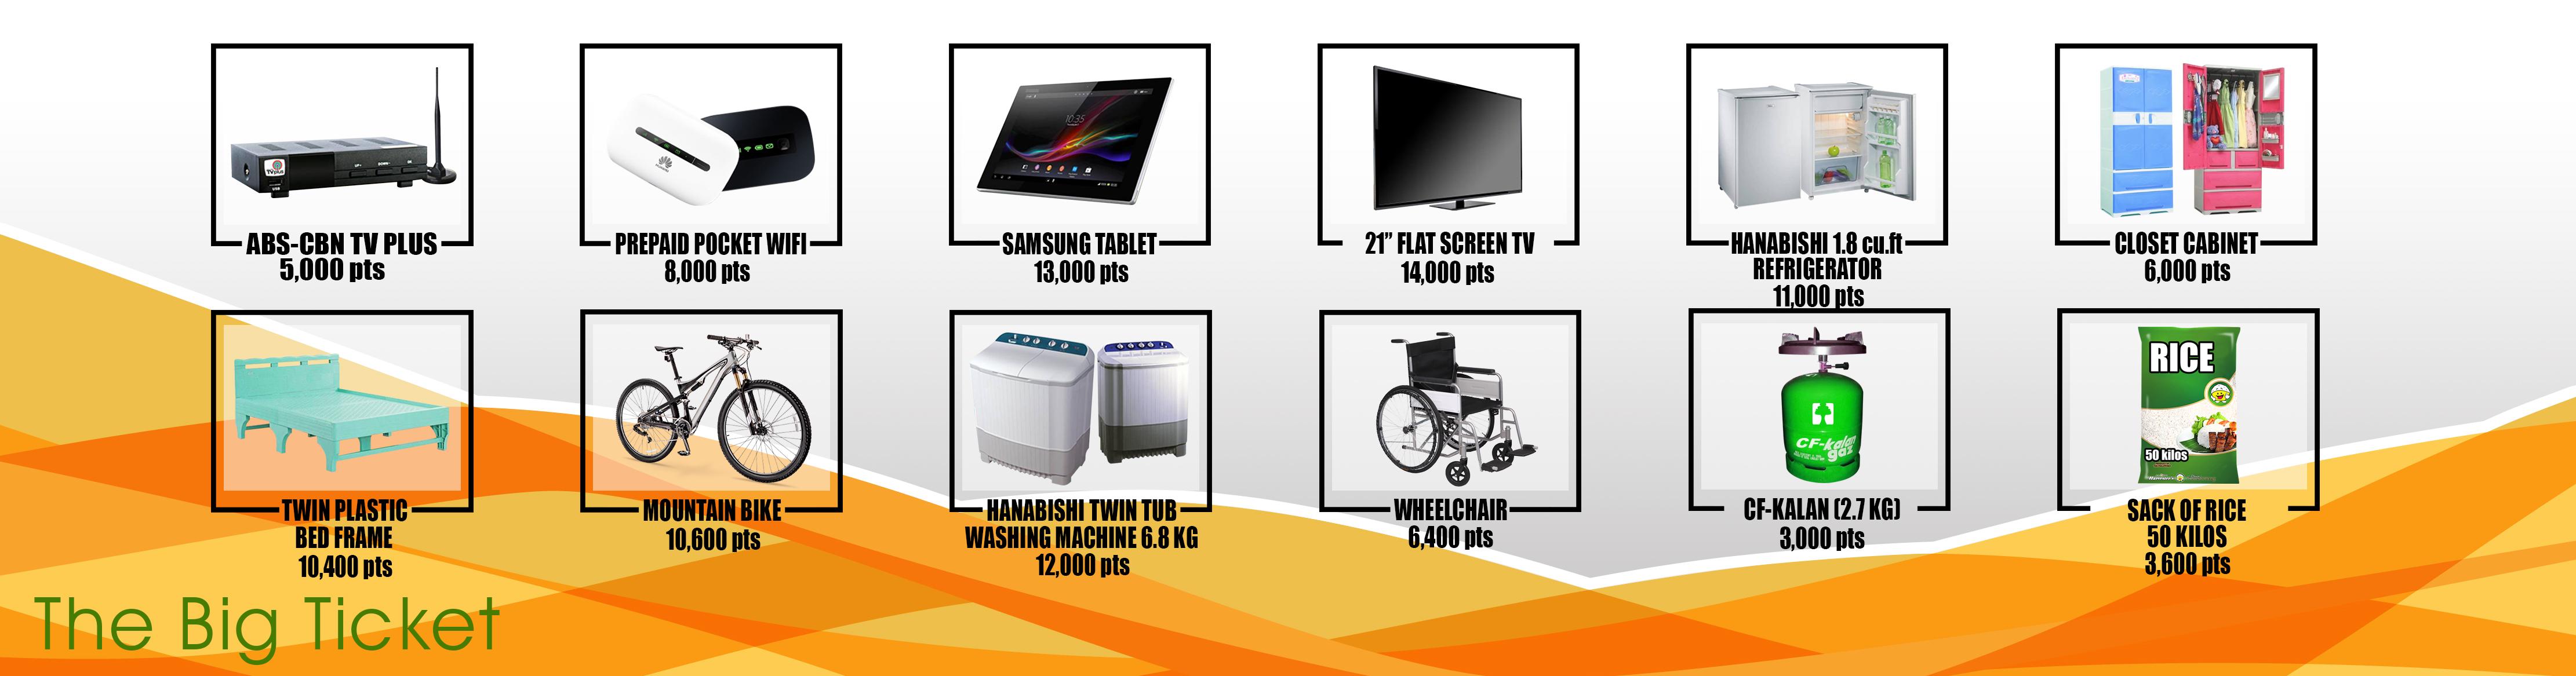 Reward points for Batangas, Pangasinan, La Union & Baguio - Clean Fuel